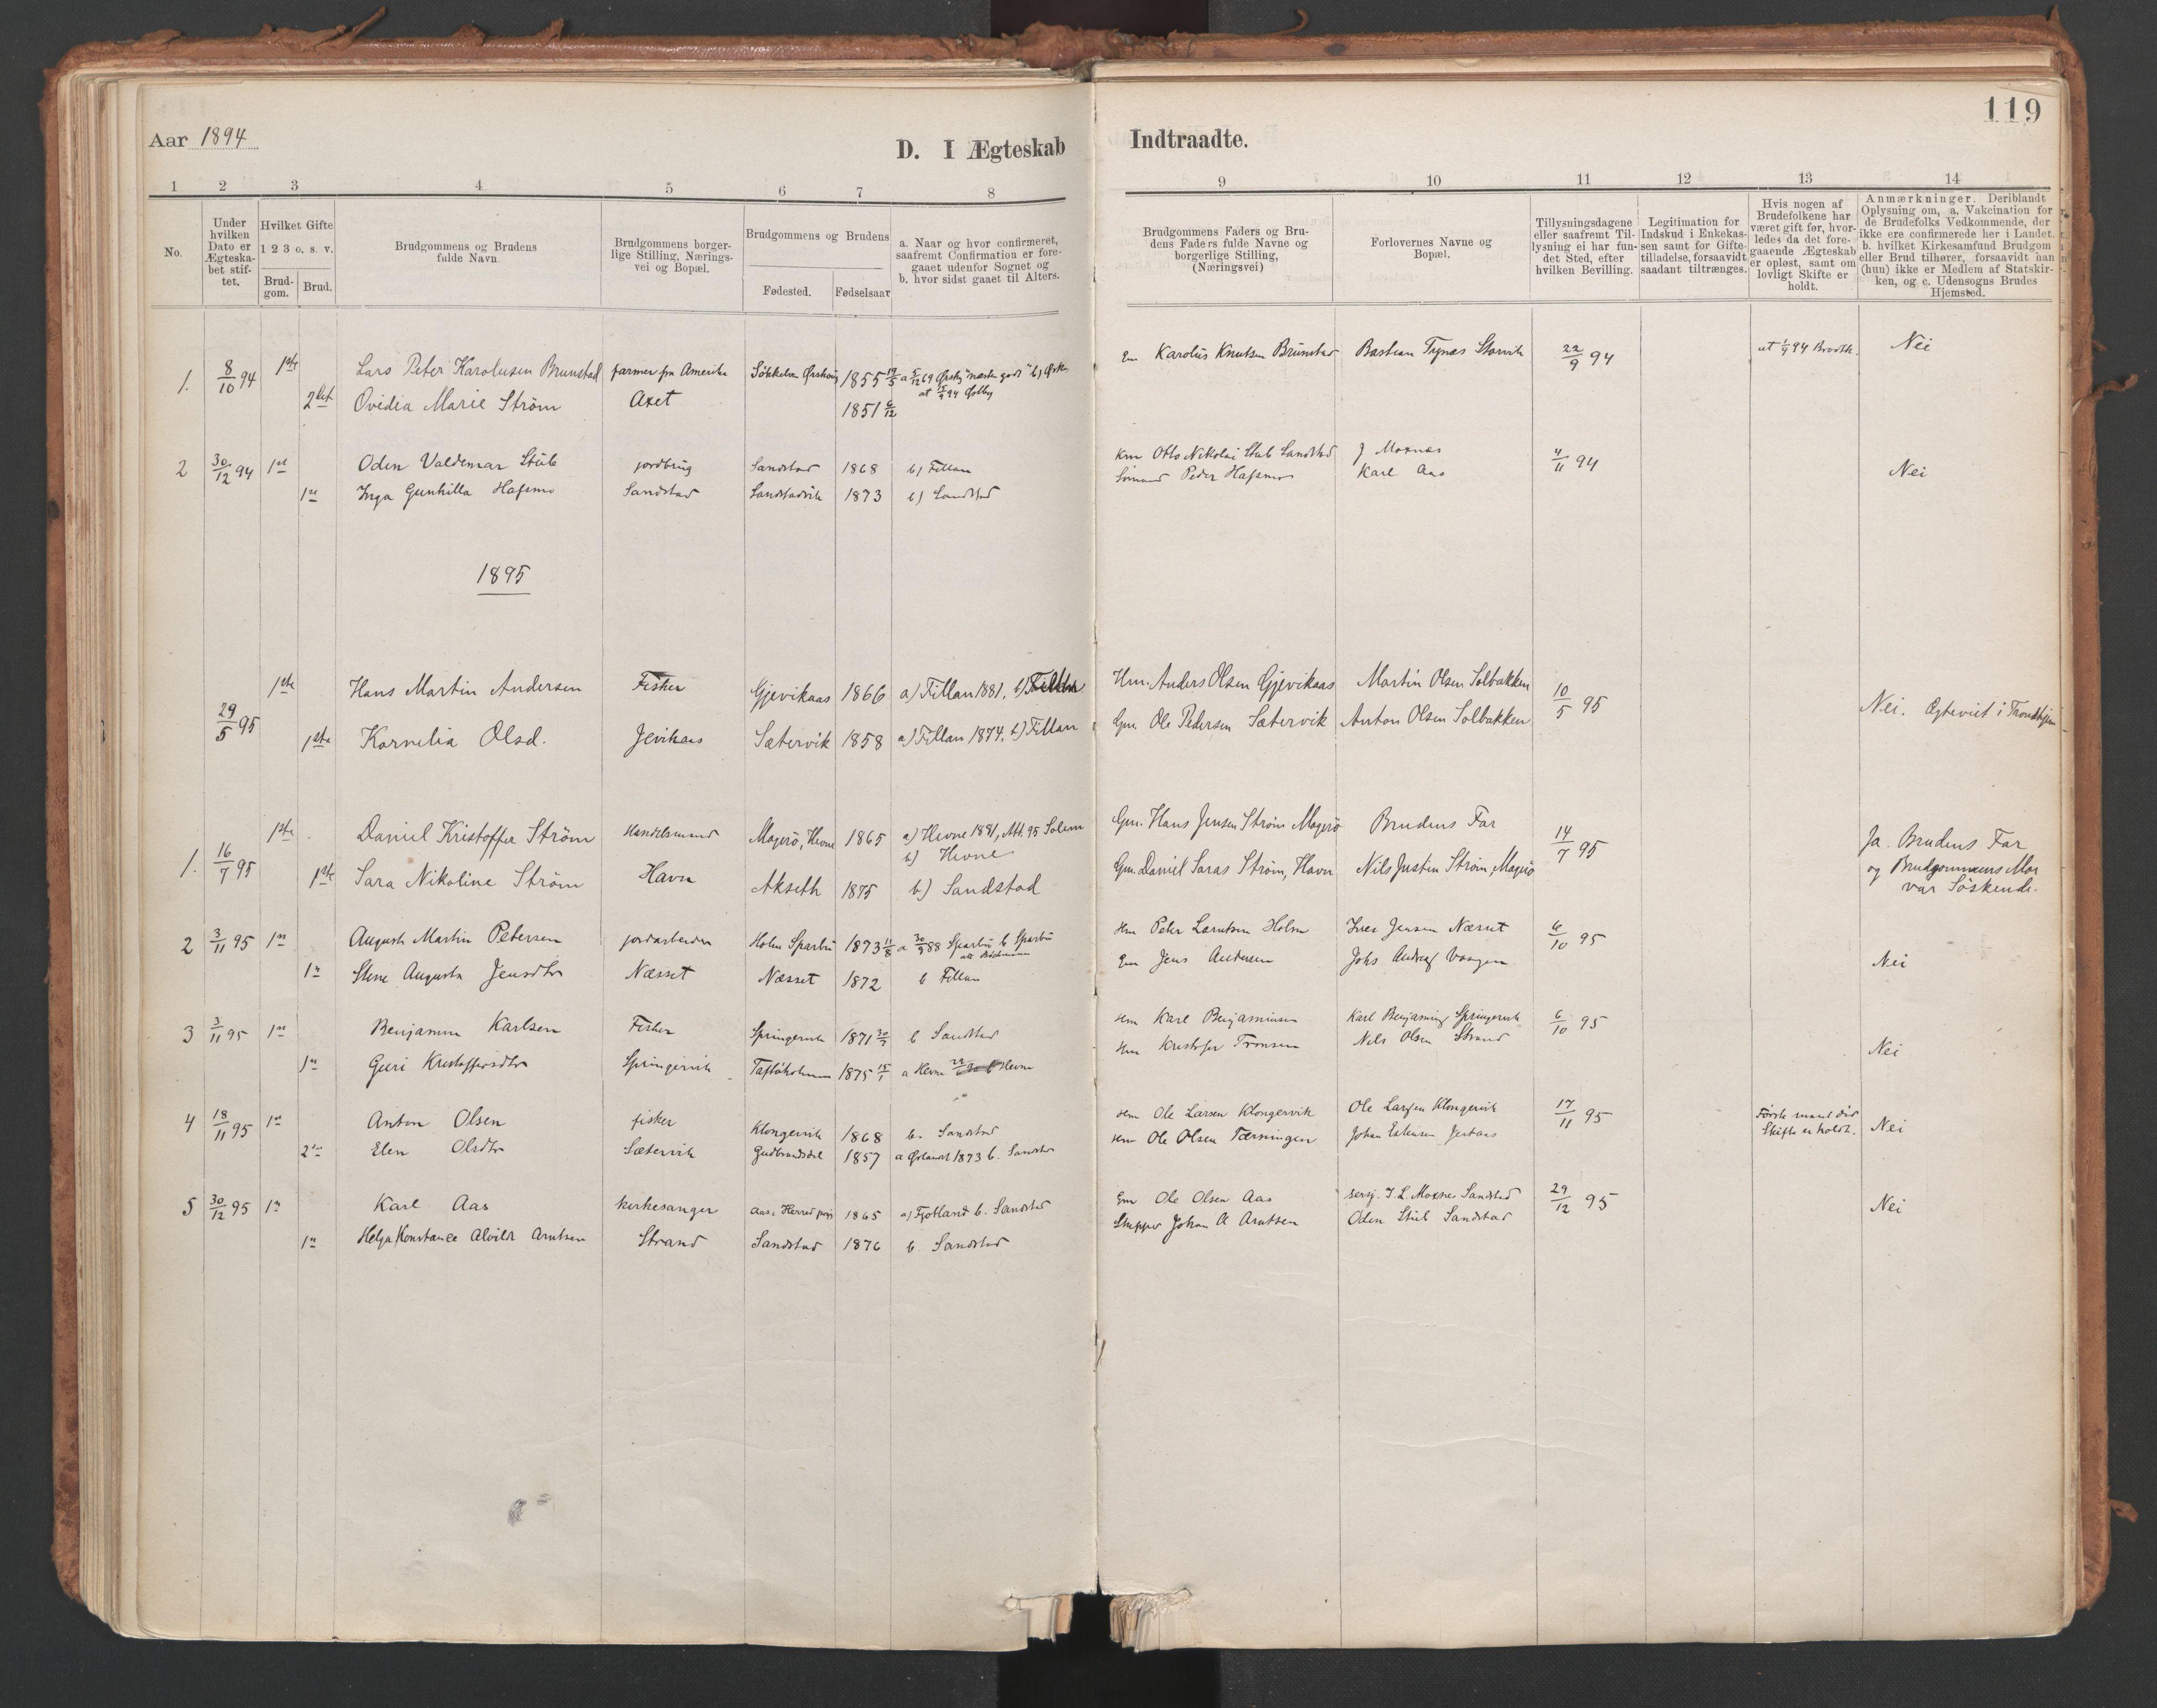 SAT, Ministerialprotokoller, klokkerbøker og fødselsregistre - Sør-Trøndelag, 639/L0572: Ministerialbok nr. 639A01, 1890-1920, s. 119